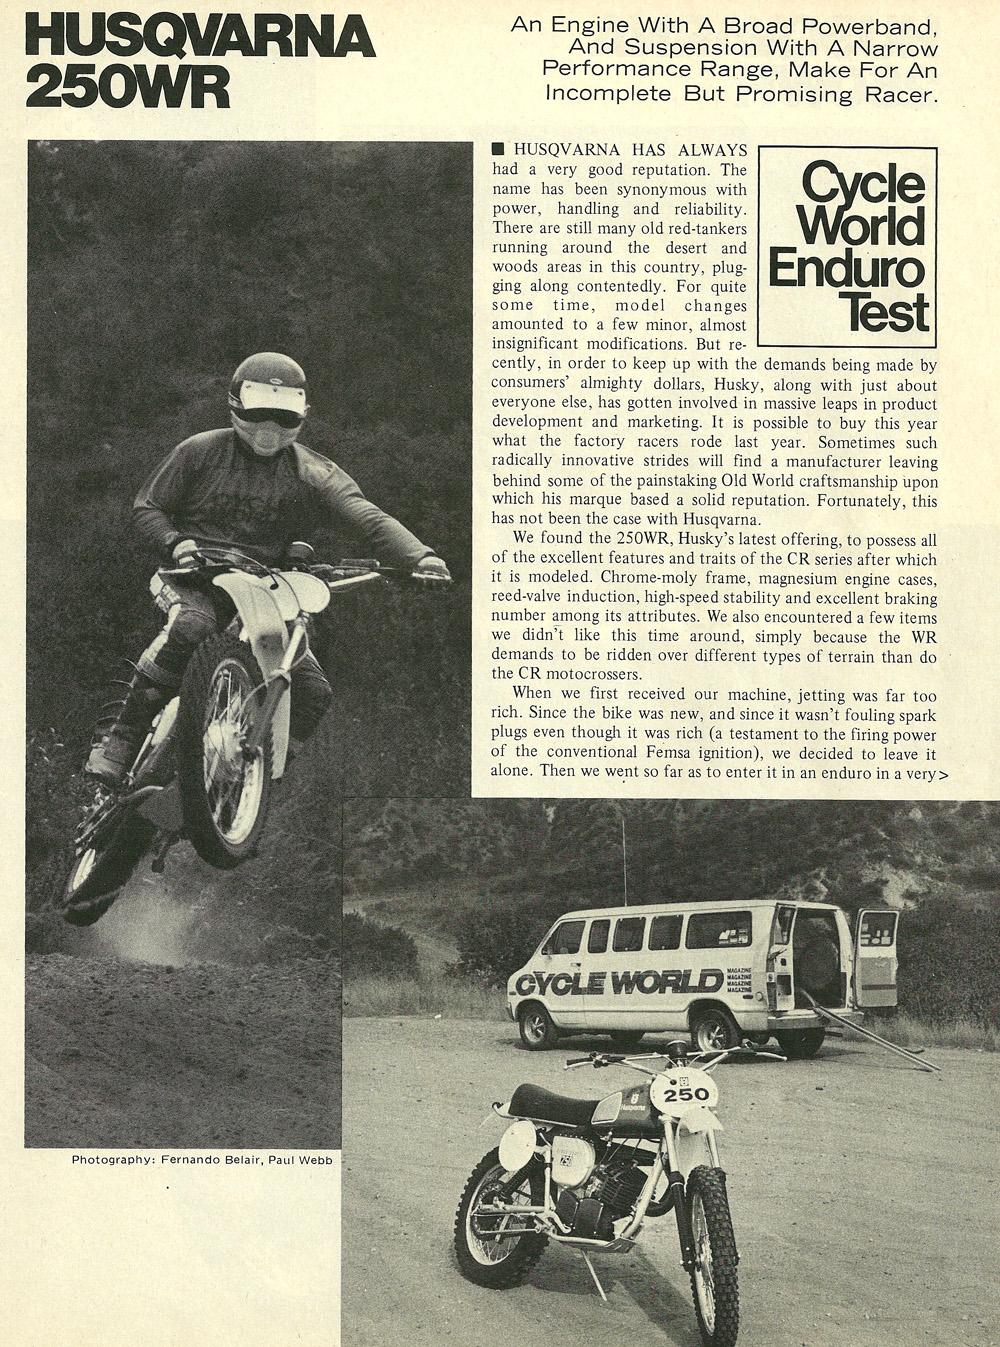 1976 Husqvarna 250WR road test 01.jpg